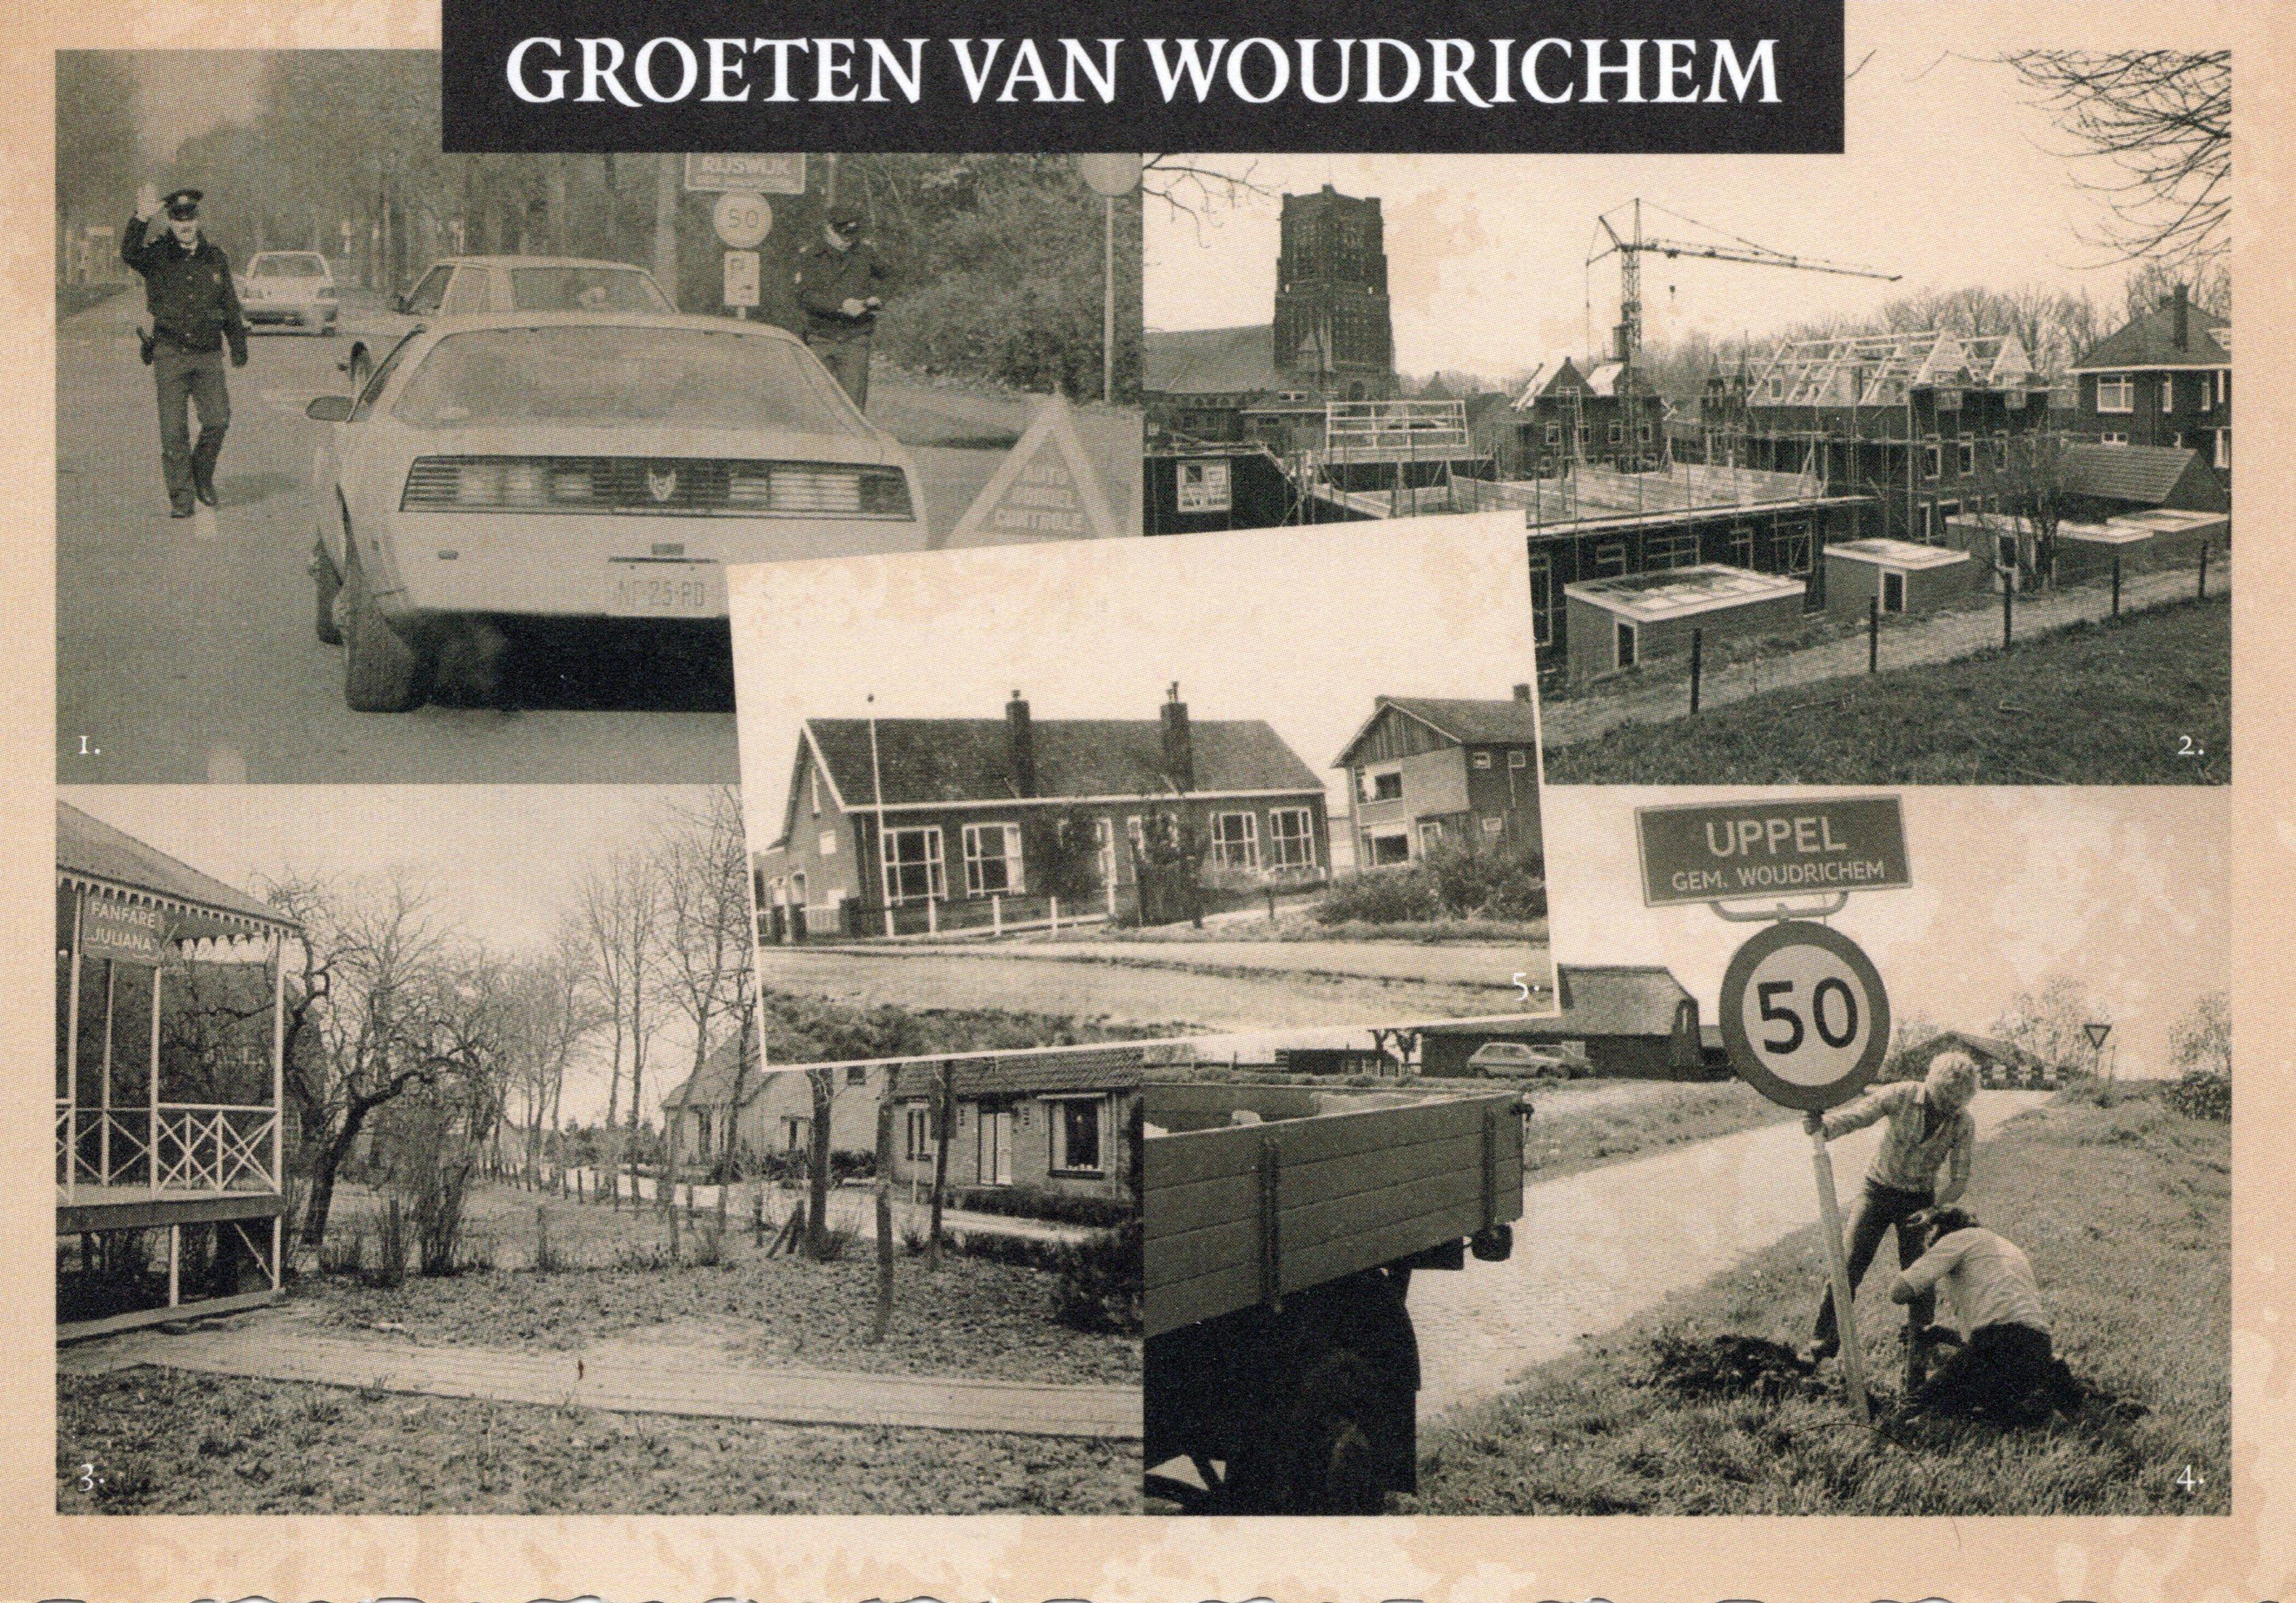 Groeten-uit-Woudrichem-054